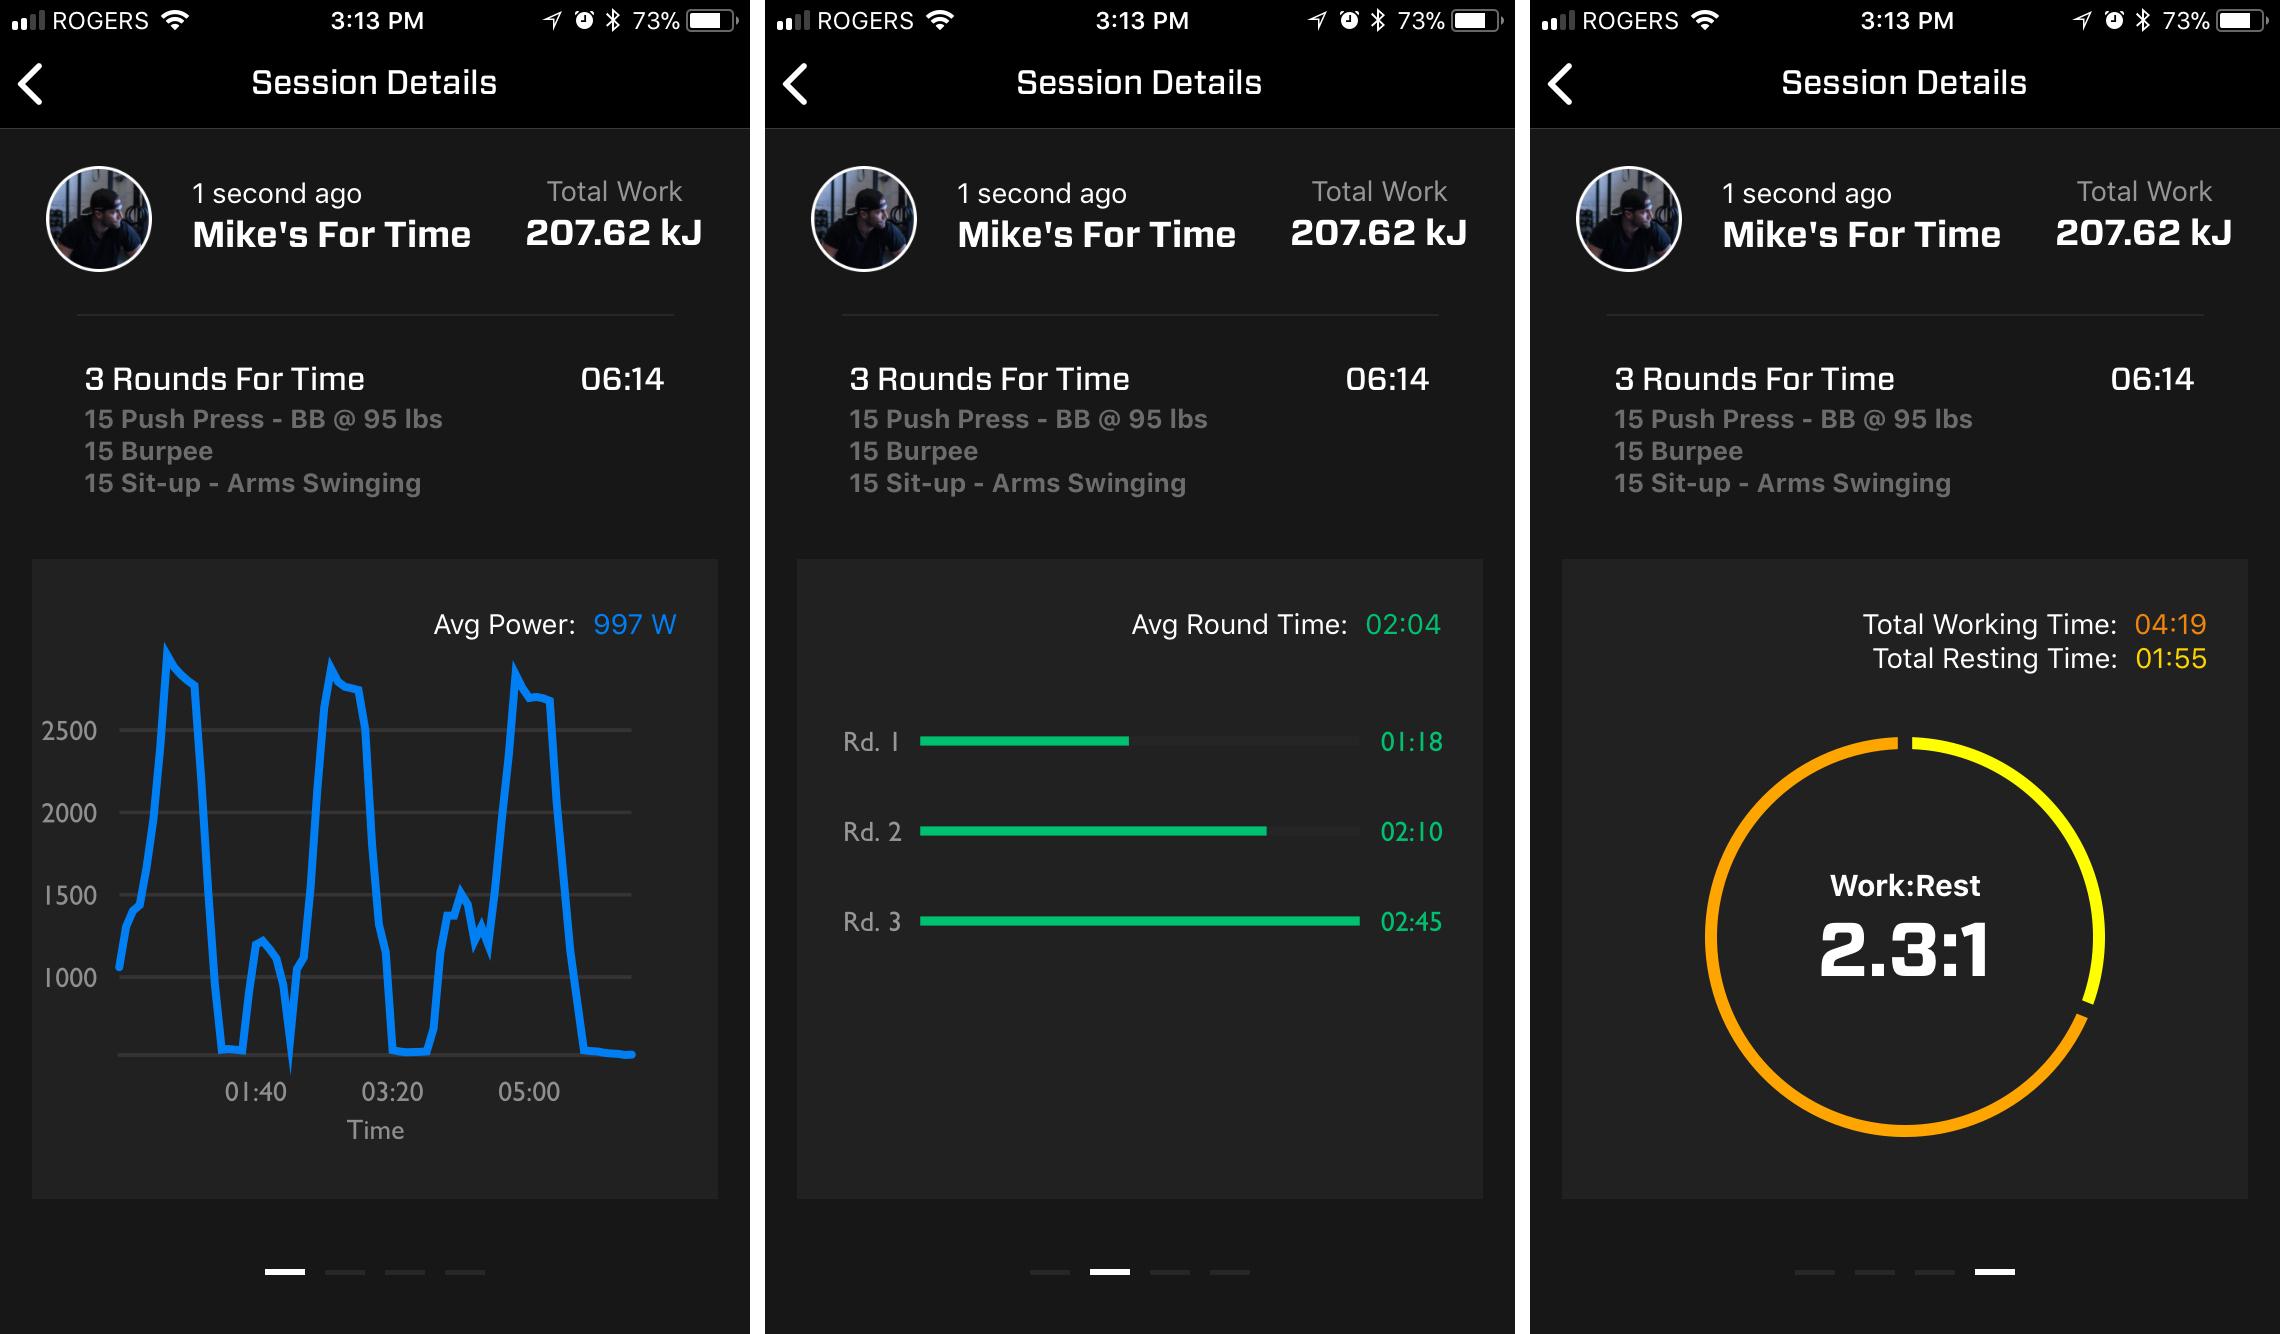 넥서스 앱에는 운동 역량, 운동:휴식 비율을 확인할 수 있다.